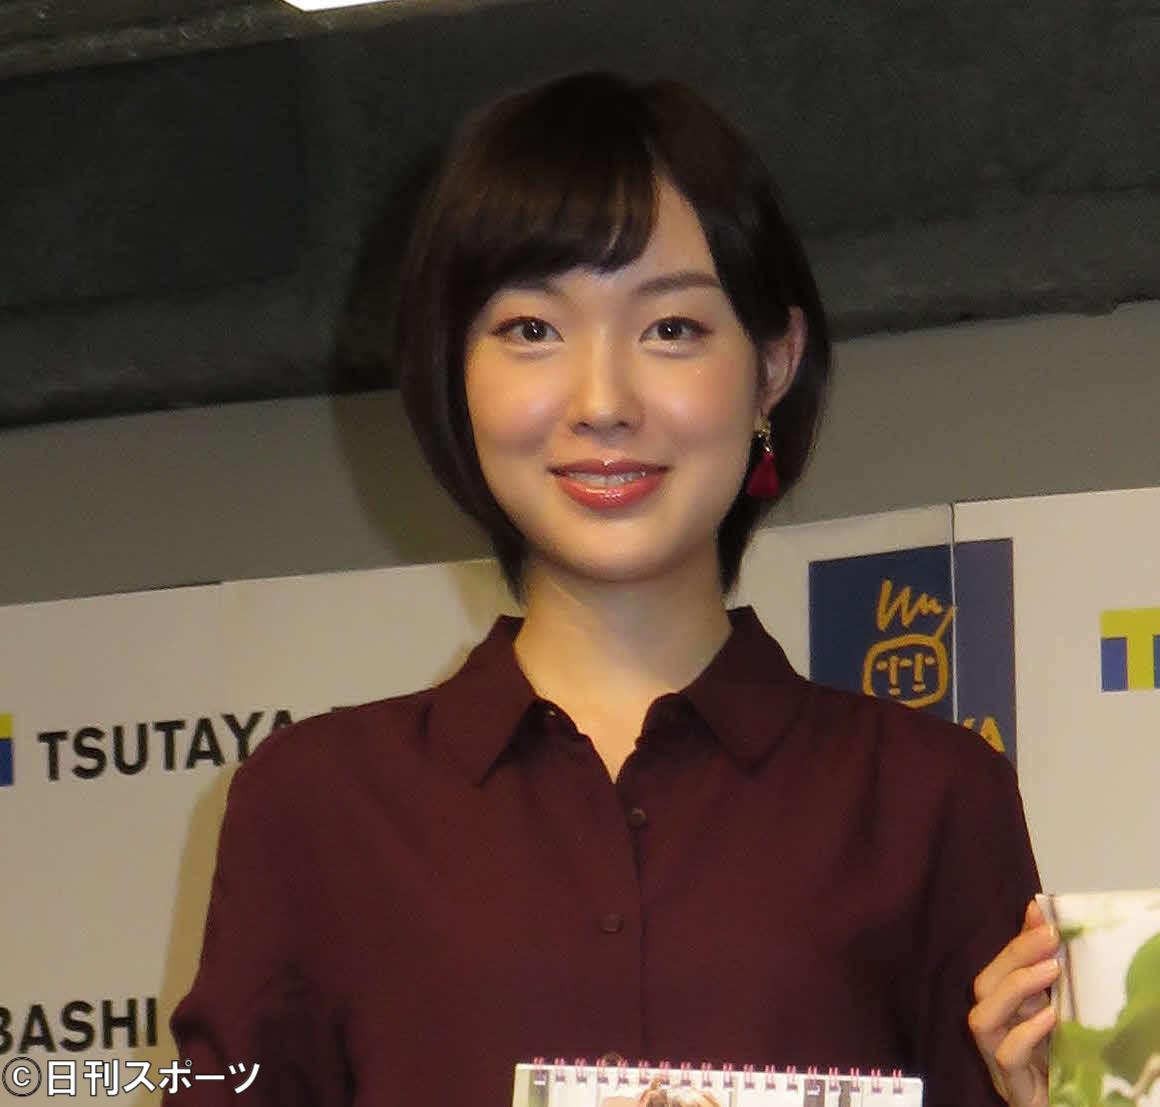 沢田有也佳アナ(16年10月撮影)